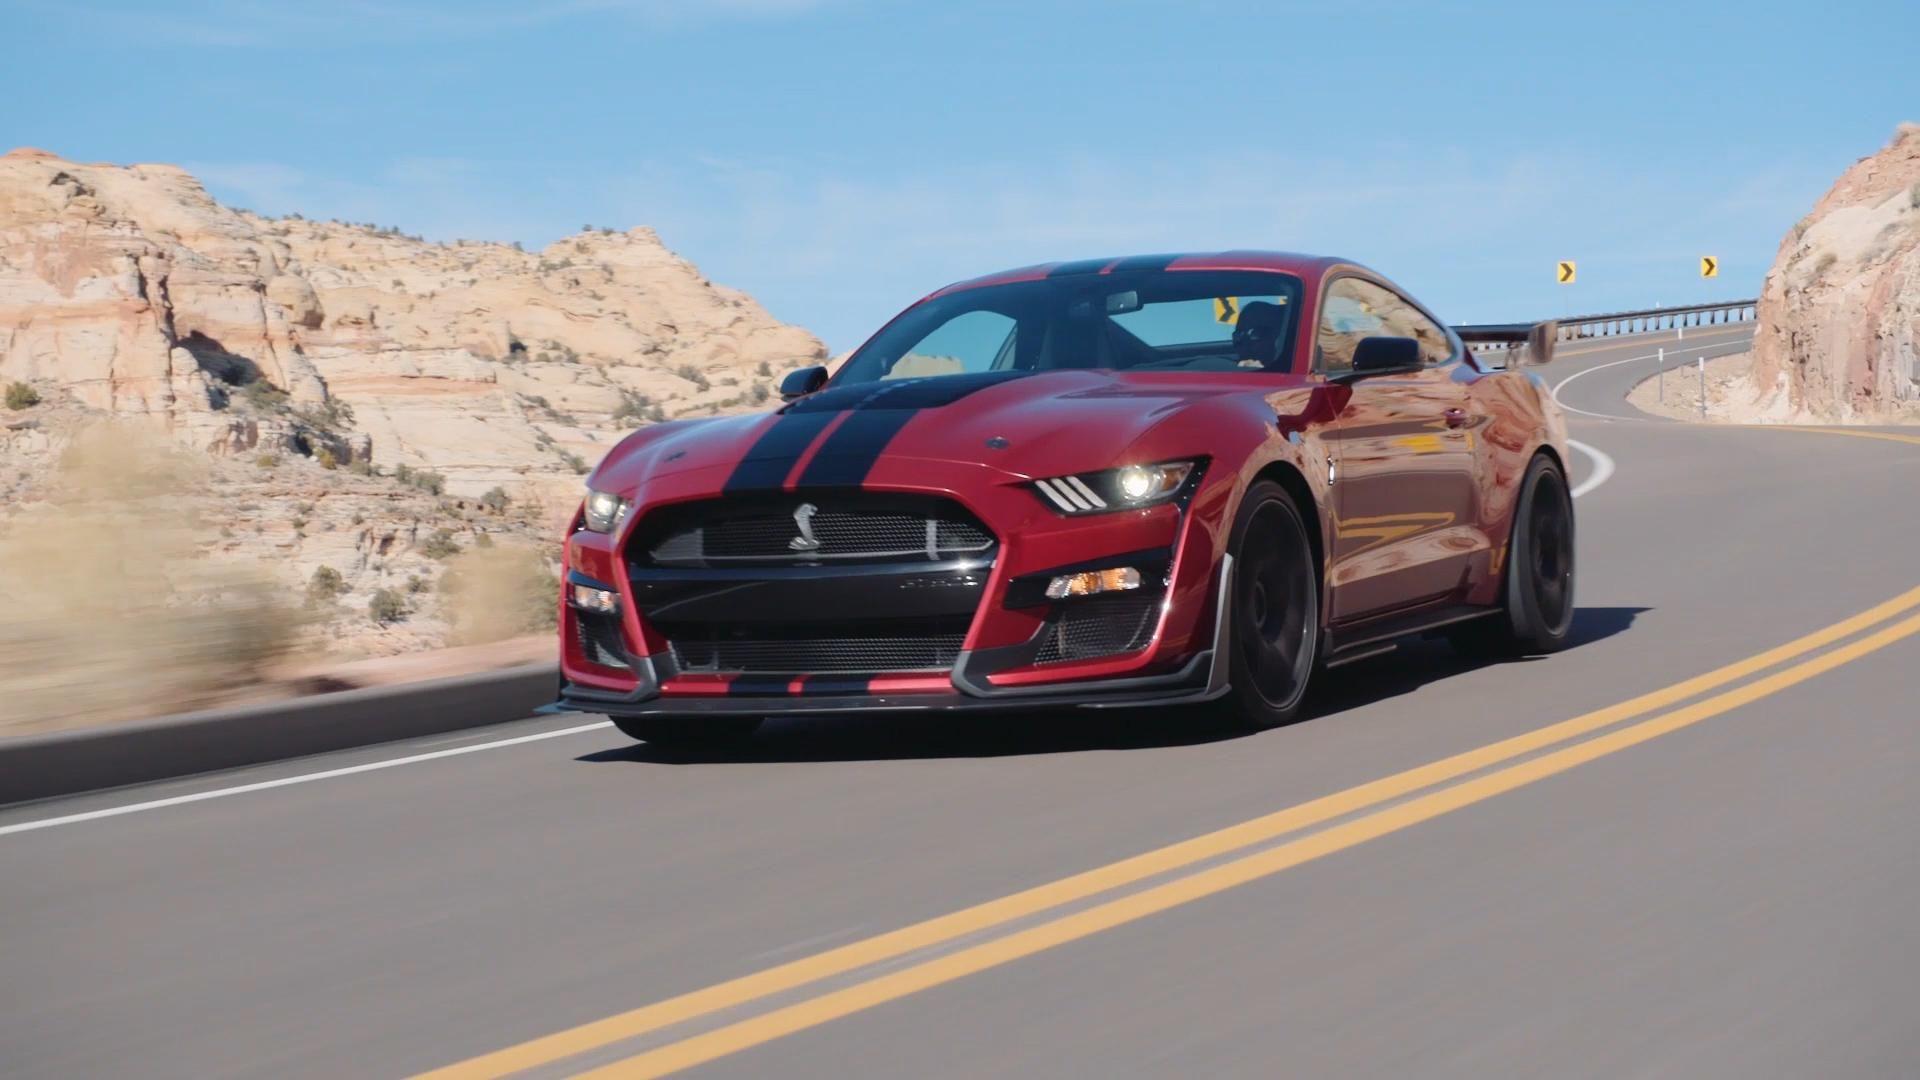 California Dealer Asking 169 999 For 2020 Ford Mustang Shelby Gt500 Ford Mustang Shelby Gt500 Mustang Shelby Shelby Gt500